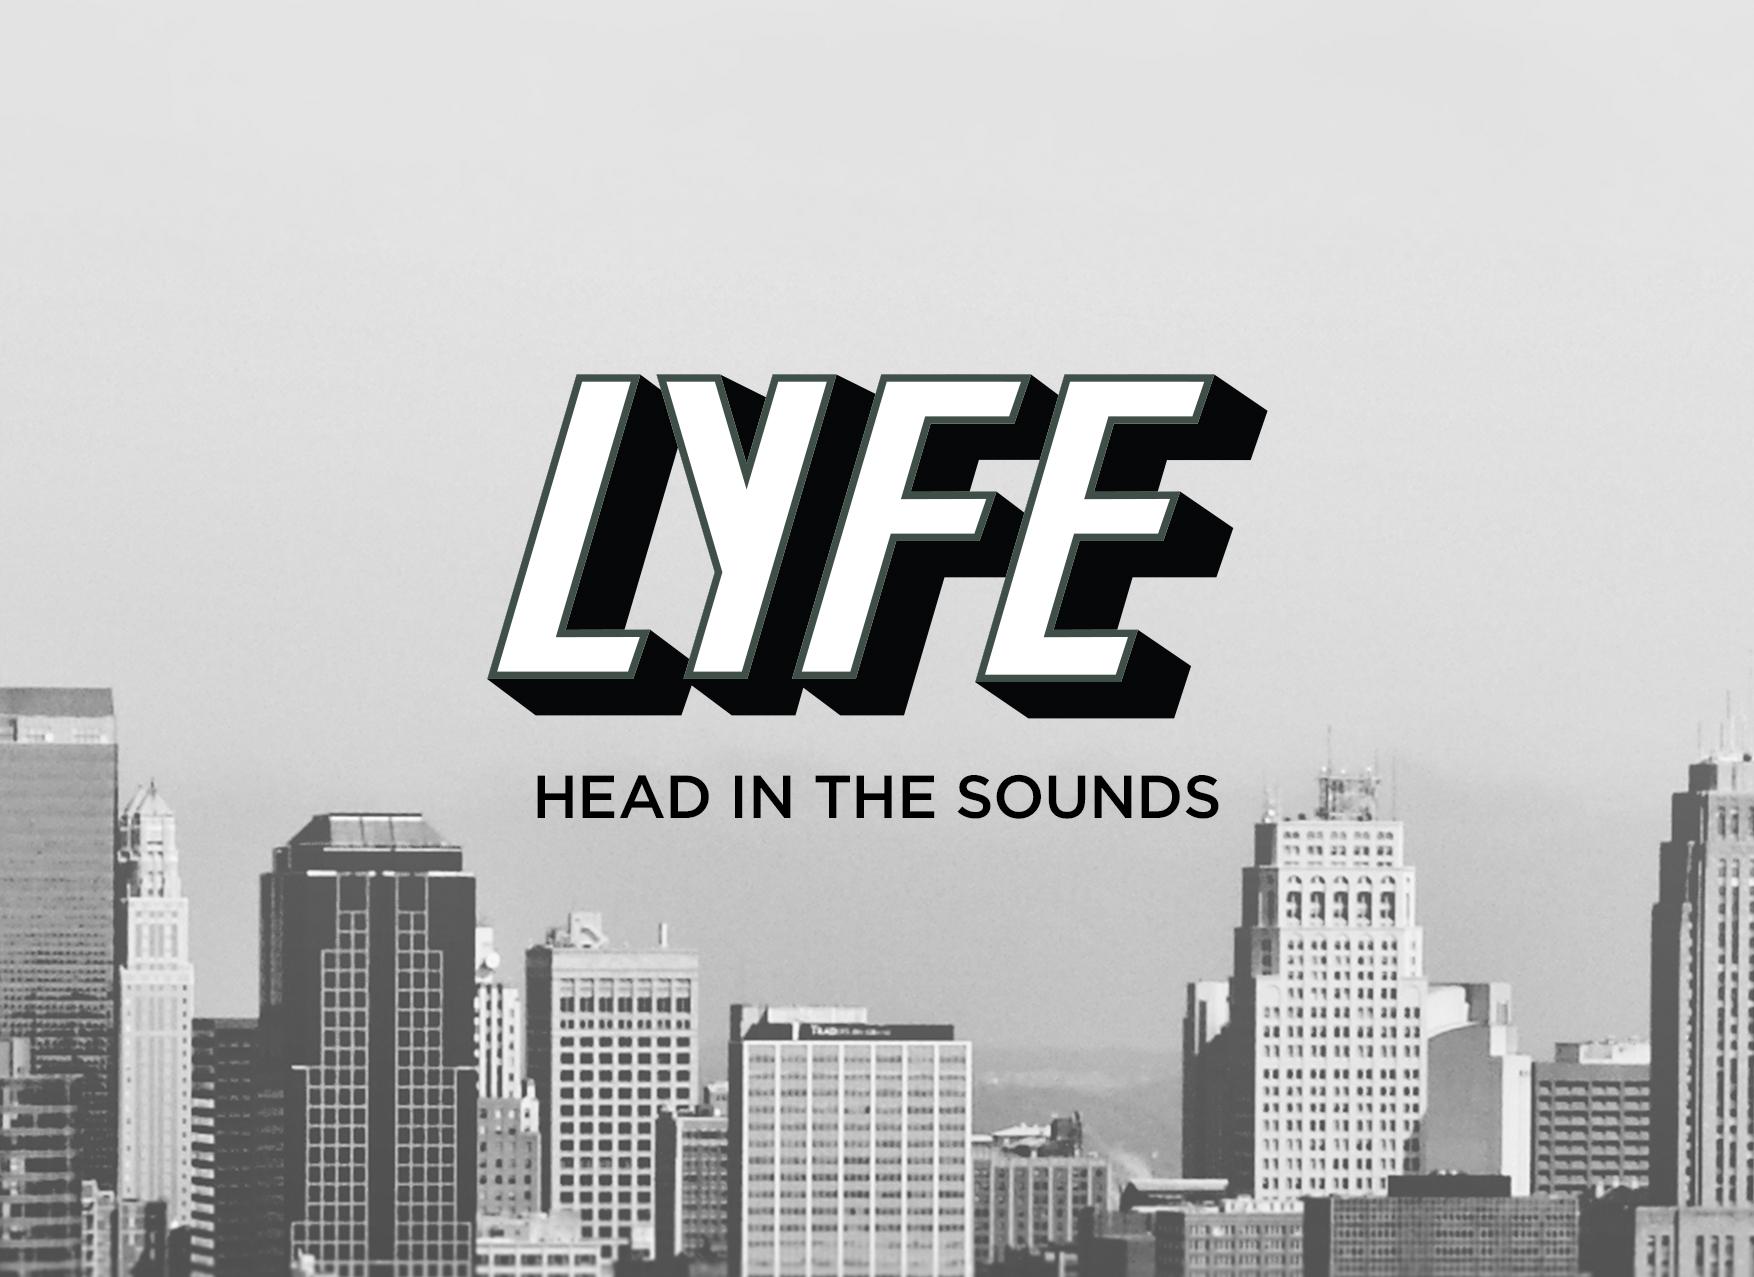 Lyfe Sound